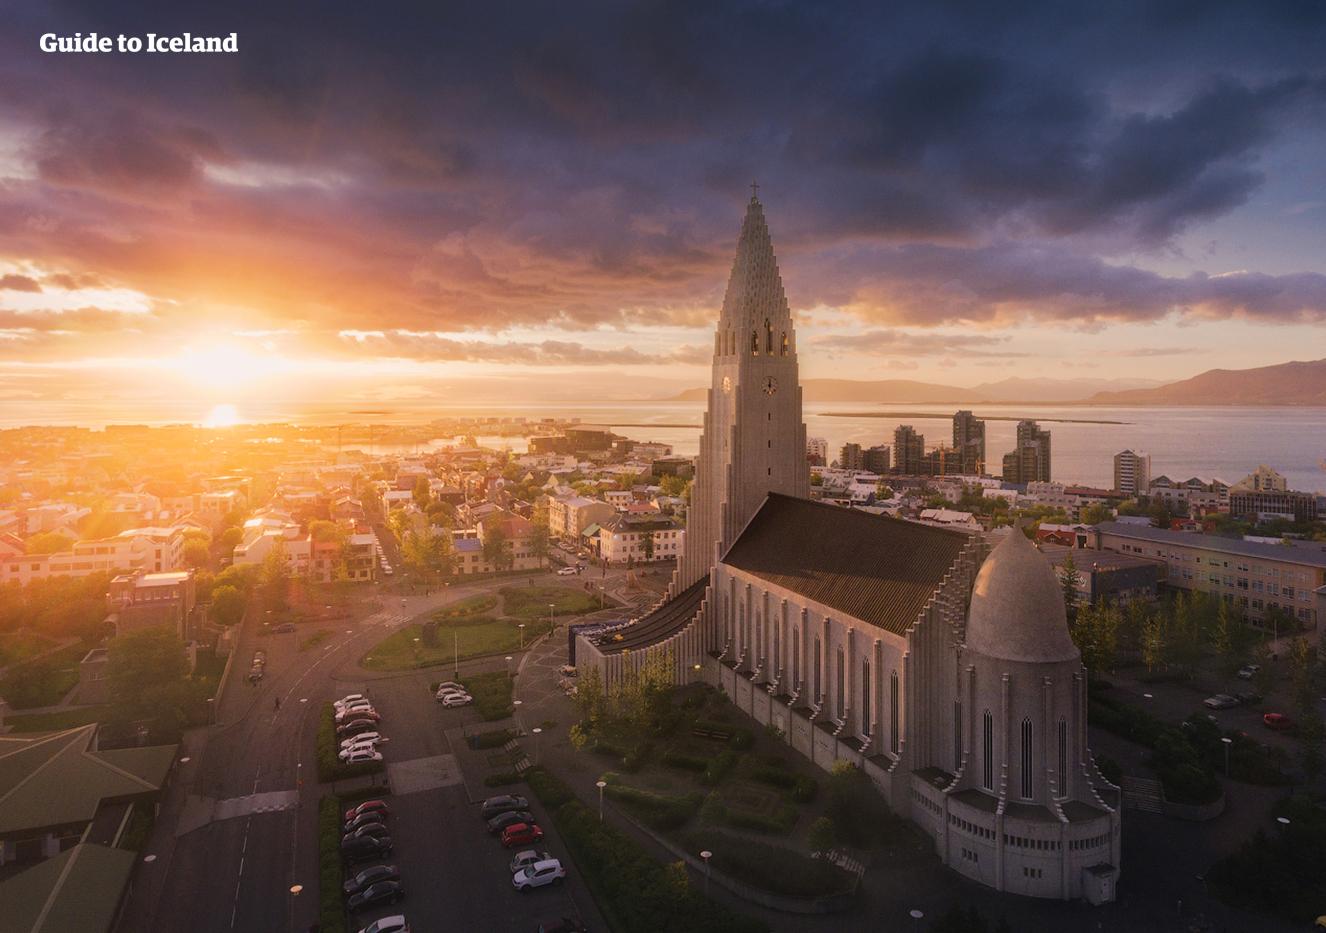 Viaje de 7 días a tu aire por el oeste y sur de Islandia y el Círculo Dorado - day 7